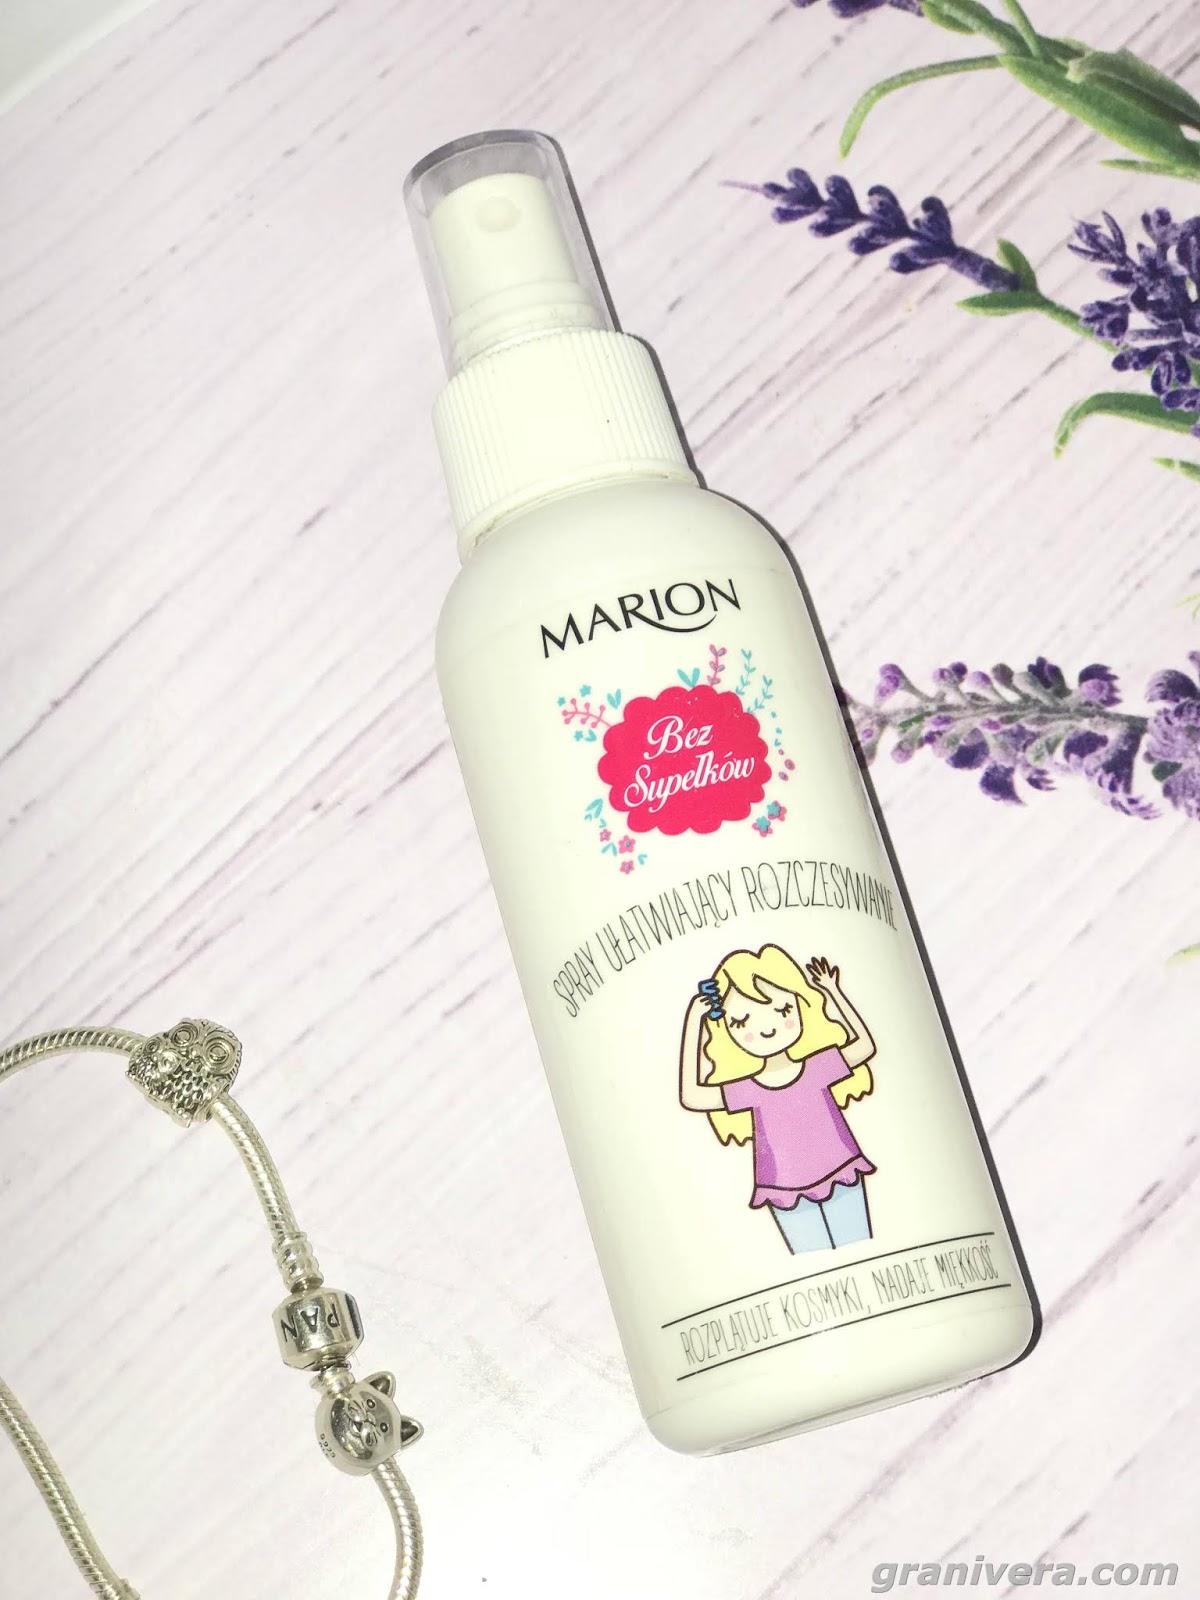 Magiczny spray do rozczesywania włosów / bez supełków od Marion